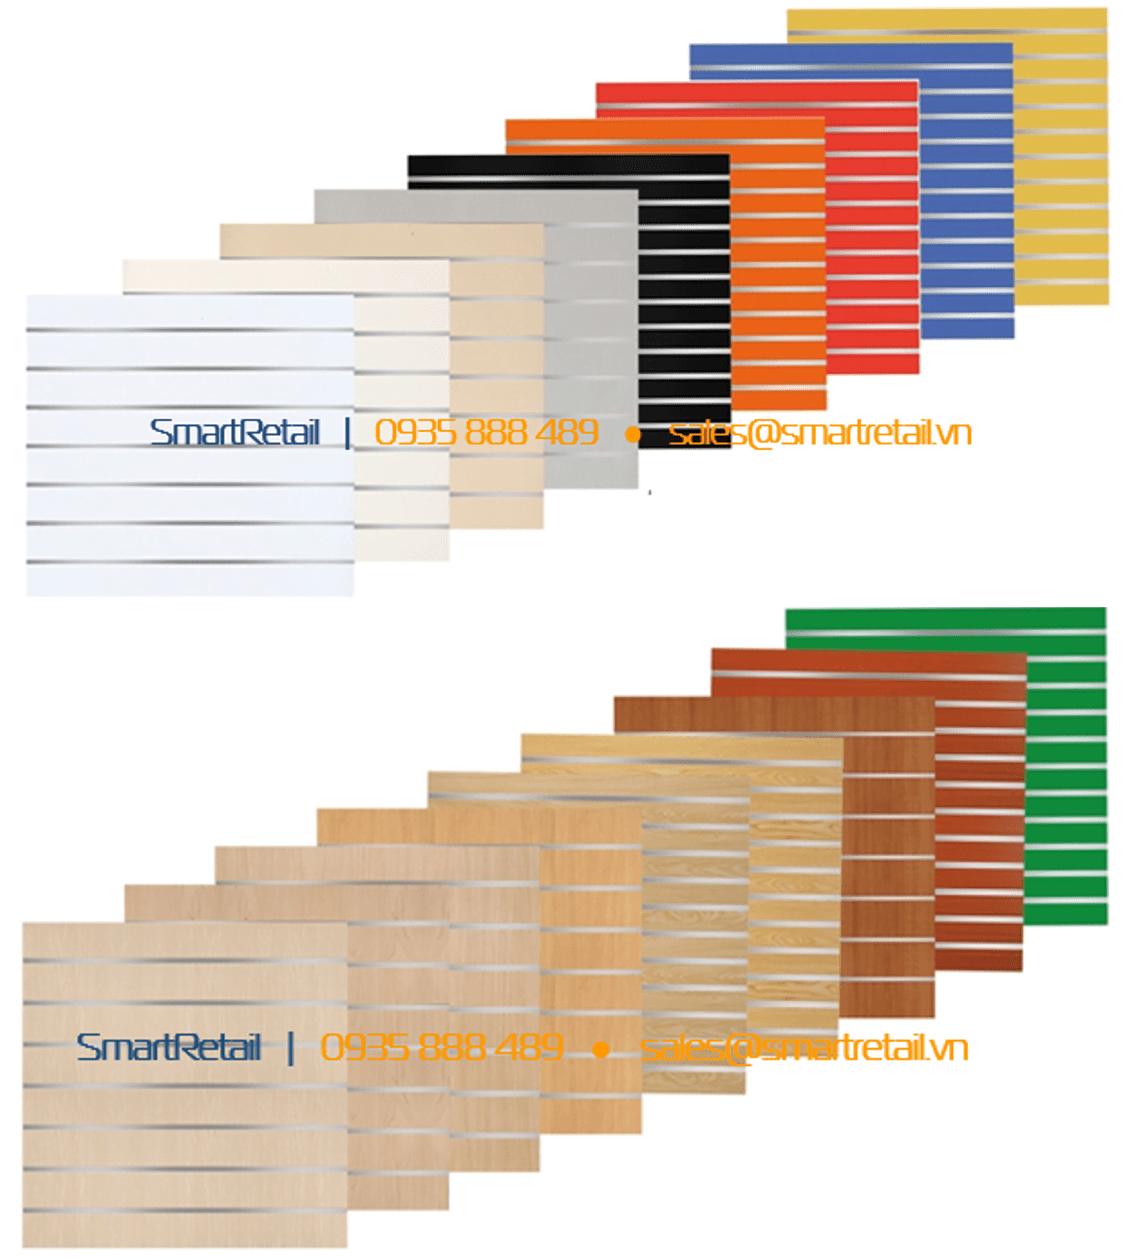 Các loại màu tấm gỗ slatwall - Vật dụng thi công shop - SmartRetail - 0935888489